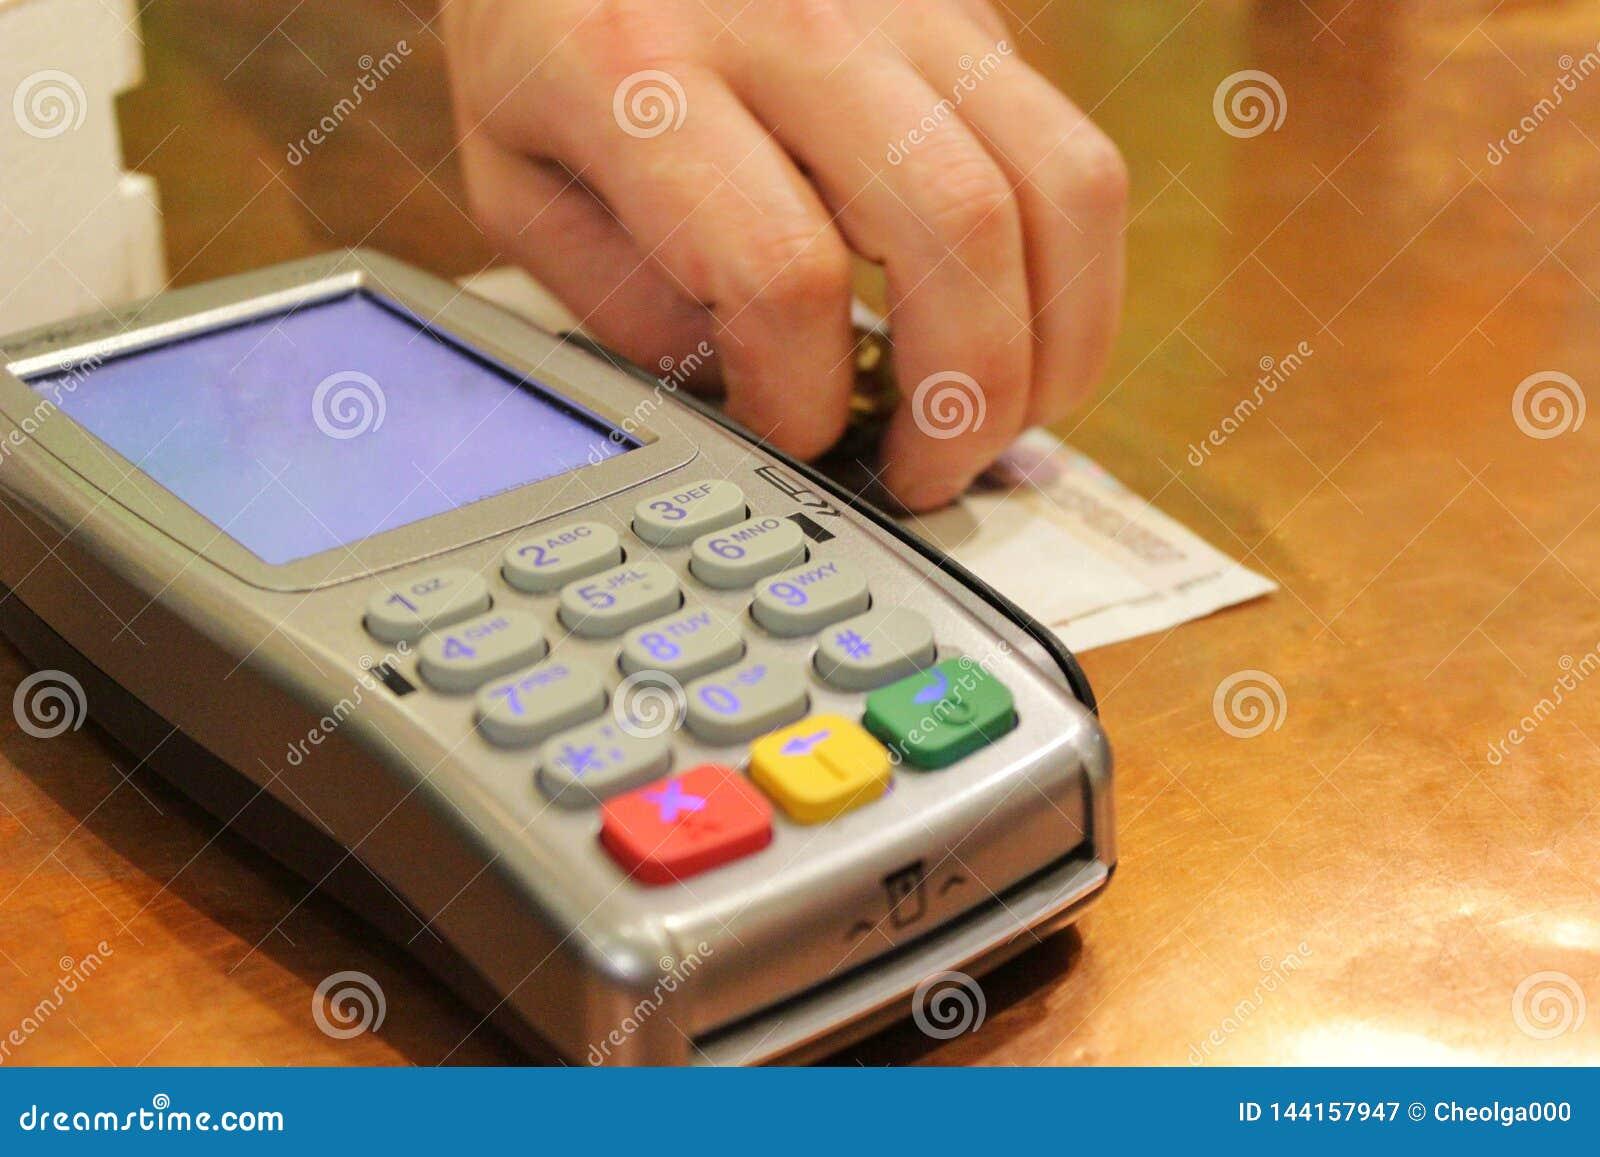 La máquina de la tarjeta de crédito y la mano de un hombre pone efectivo